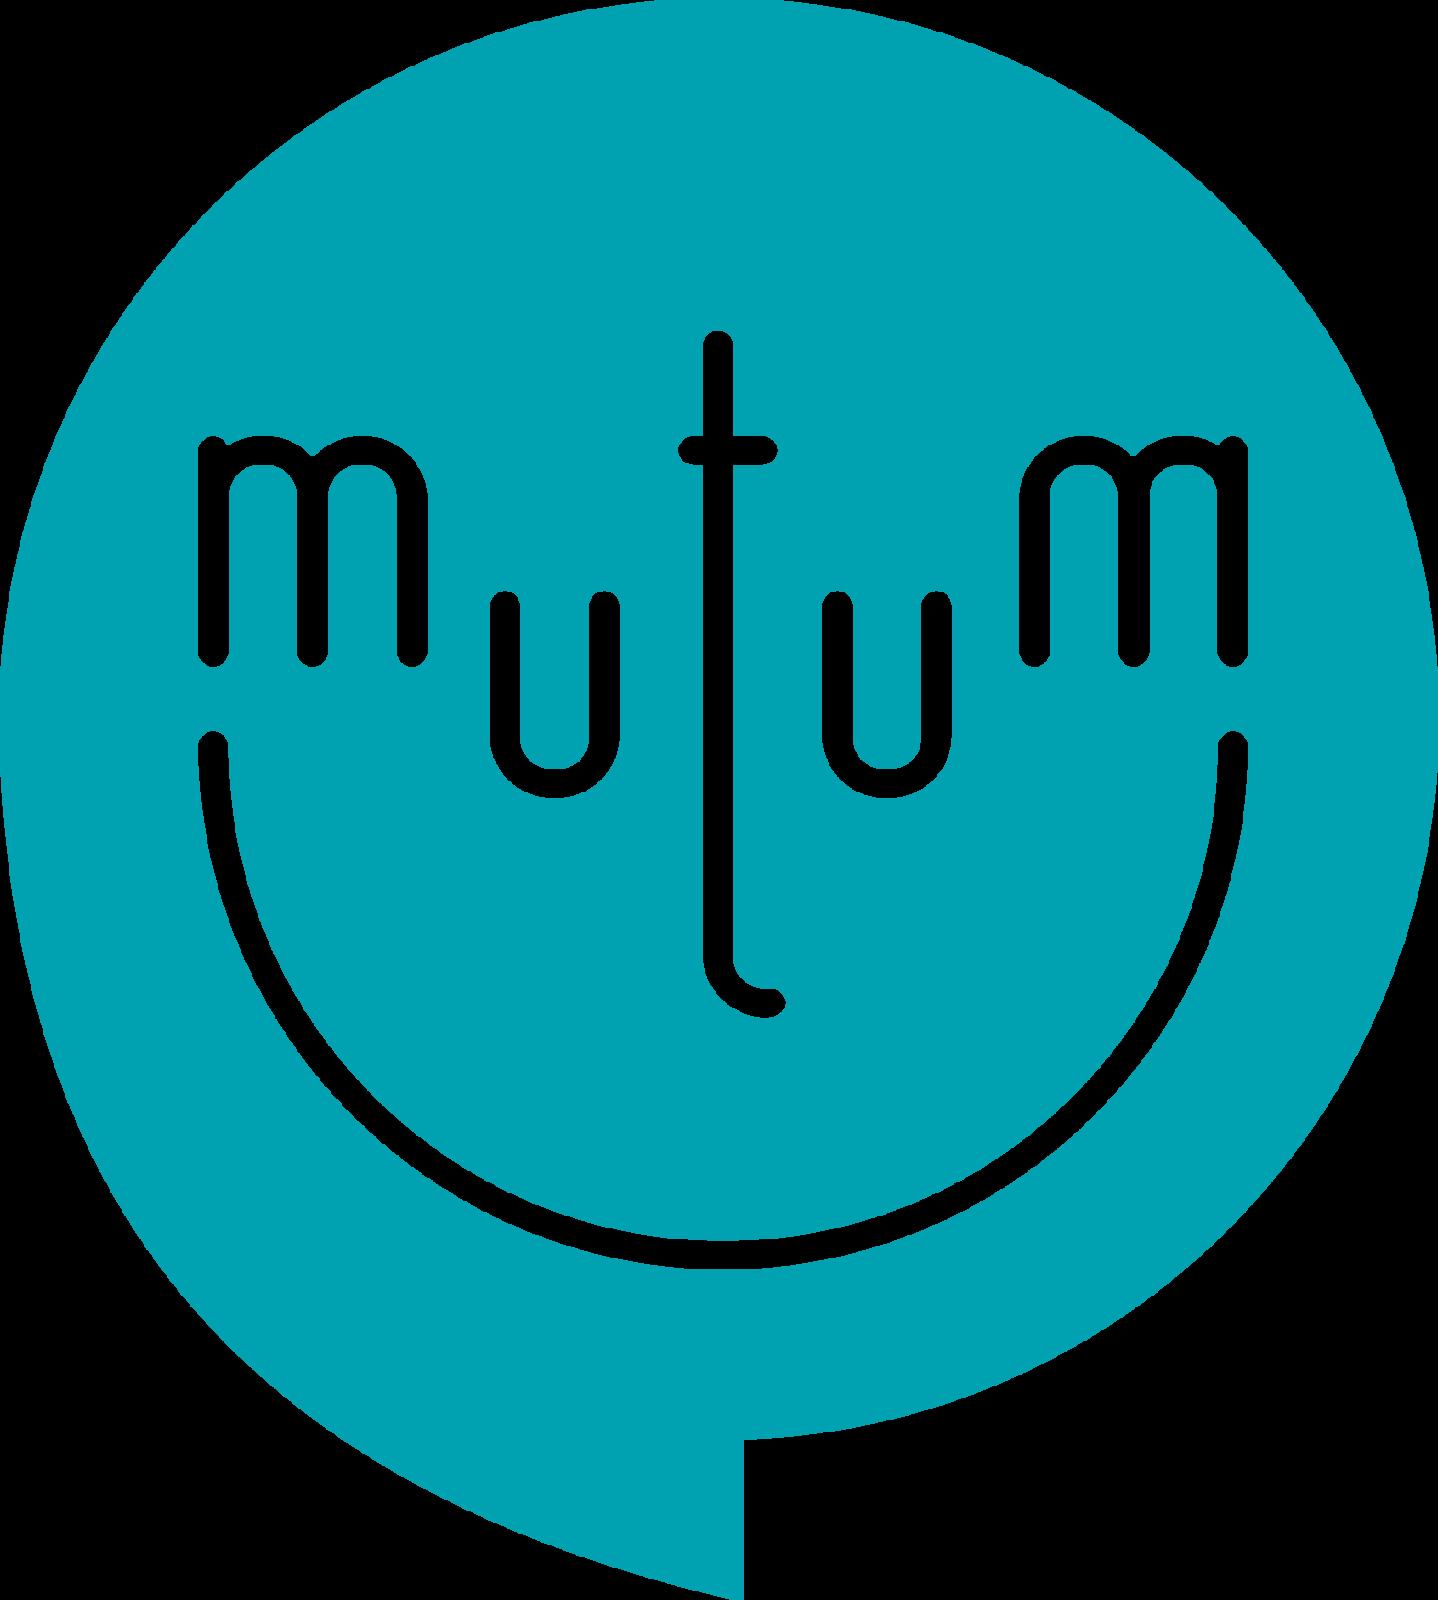 Acheter ou louer, c'est surfait alors découvrez Mutum et empruntez